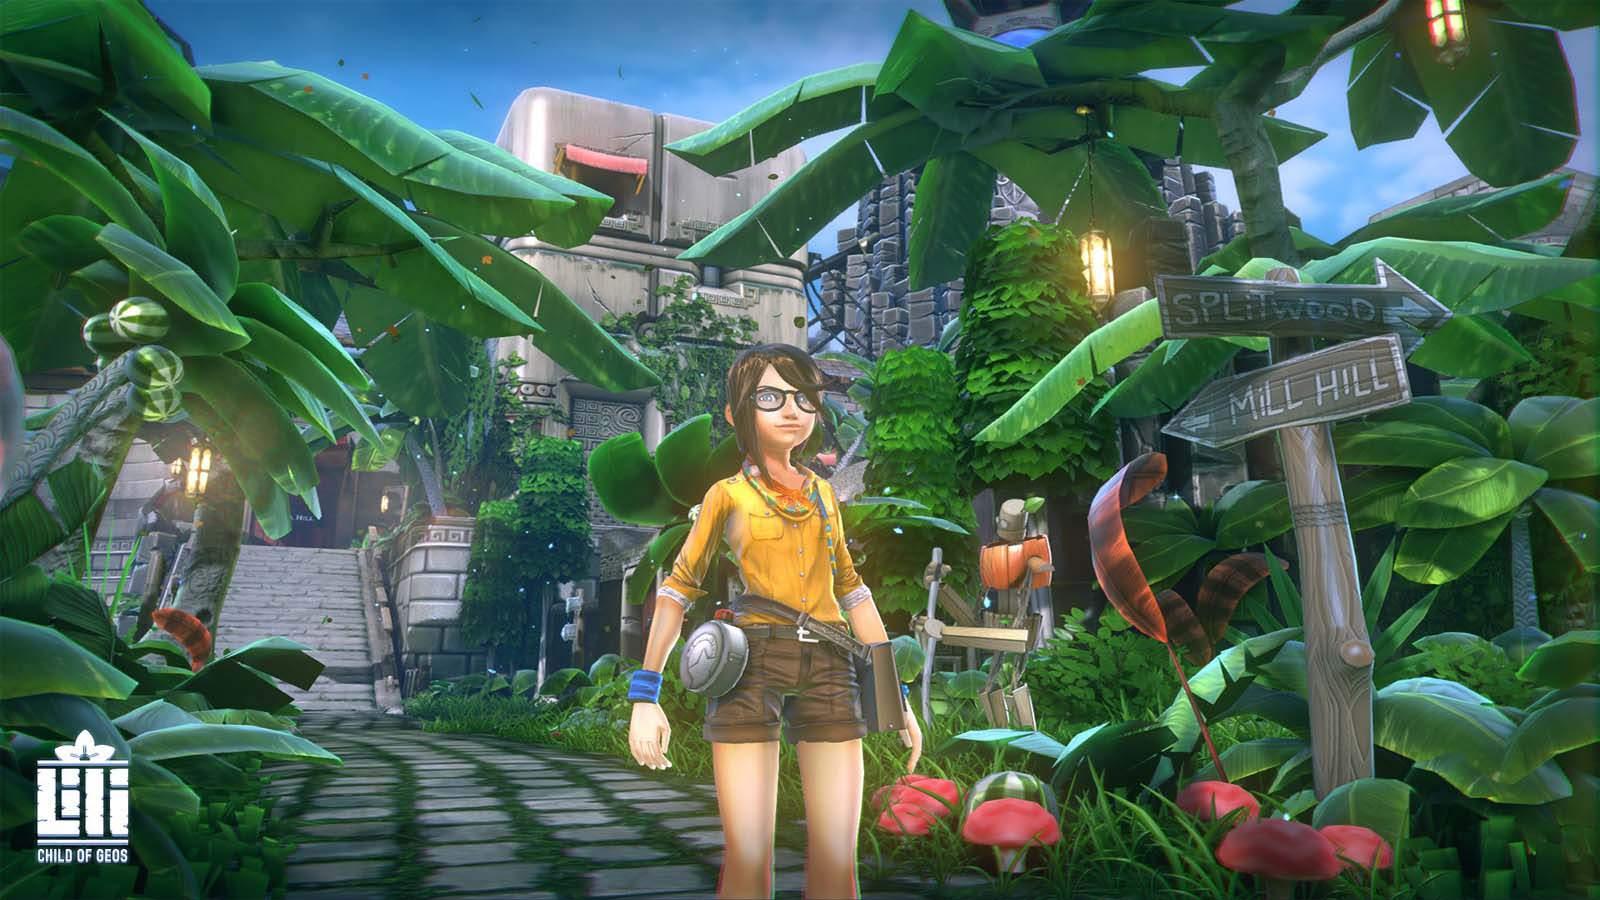 تحميل لعبة Lili Child of Geos مضغوطة برابط واحد مباشر + تورنت كاملة مجانا